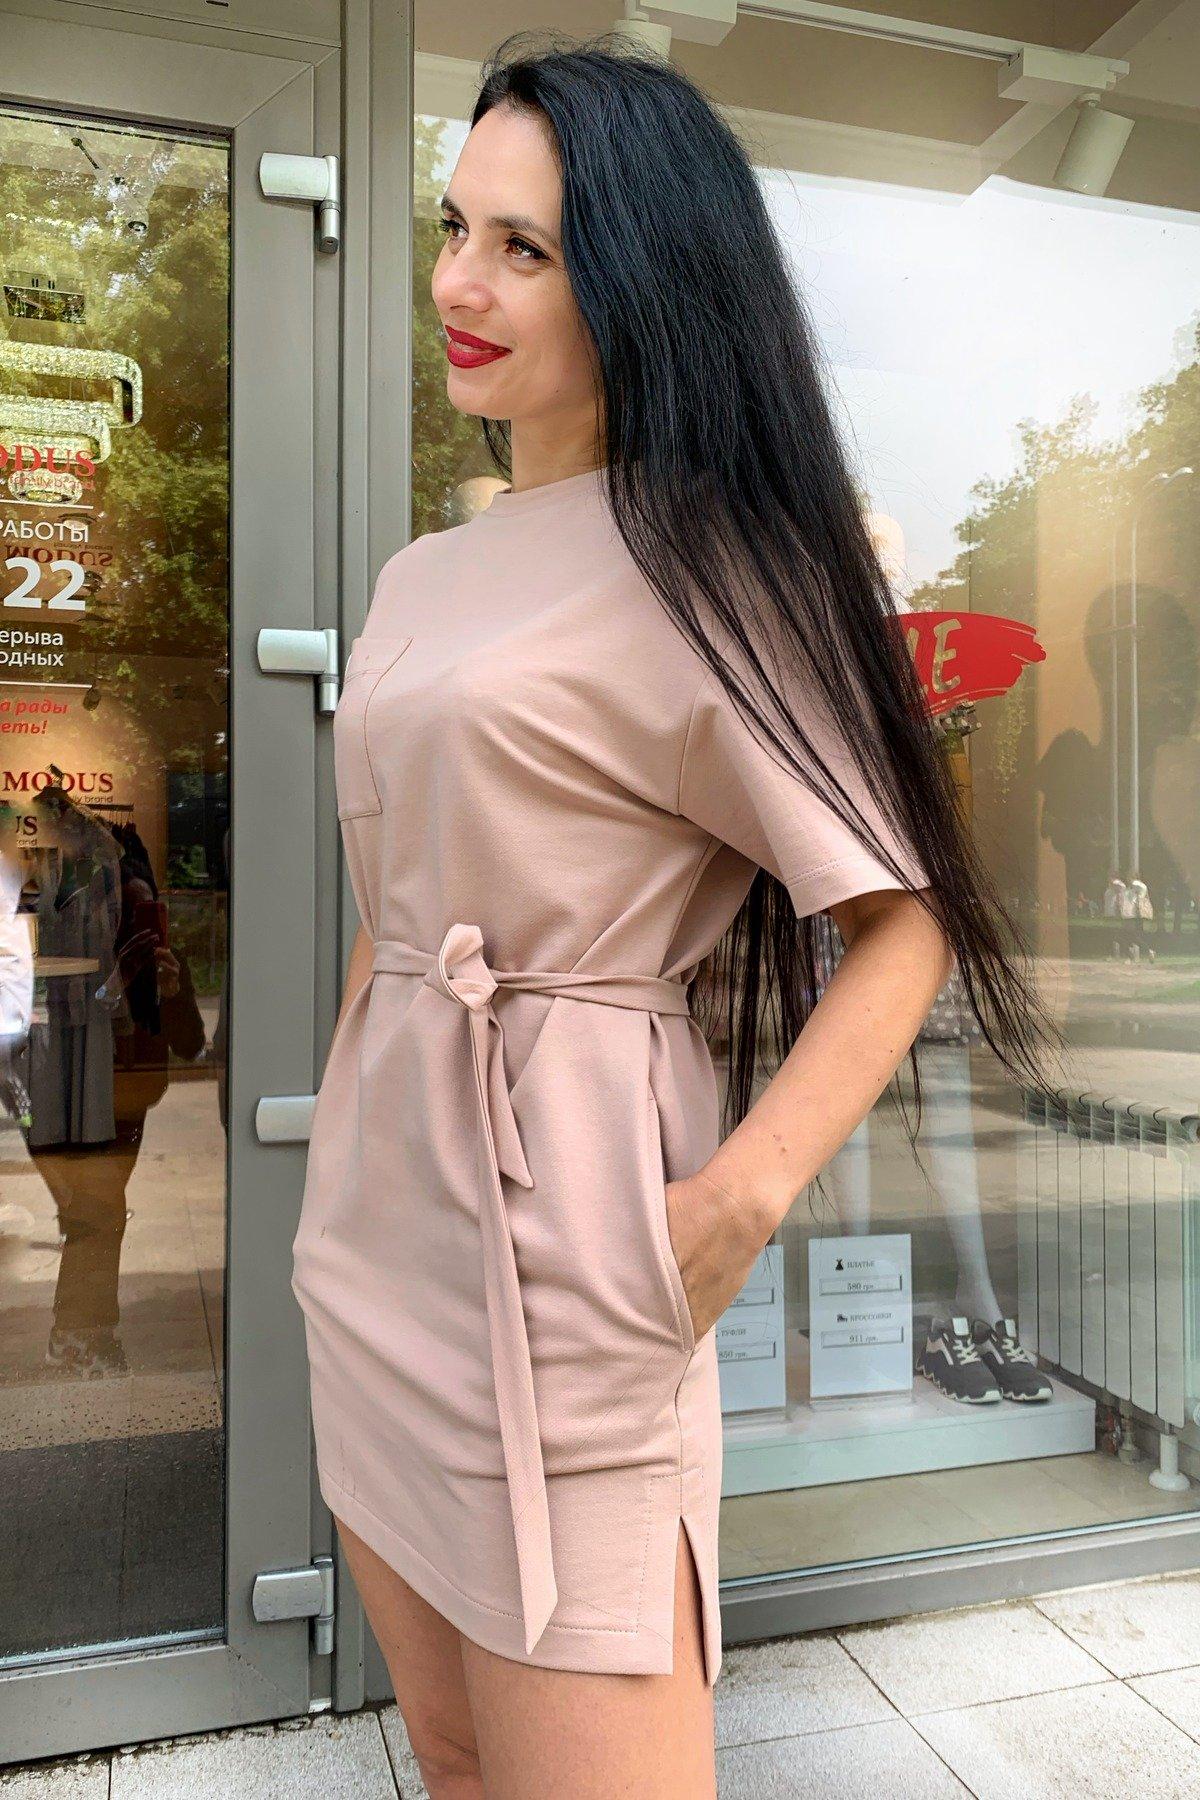 Платье Джома 9273 АРТ. 45614 Цвет: Бежевый - фото 4, интернет магазин tm-modus.ru